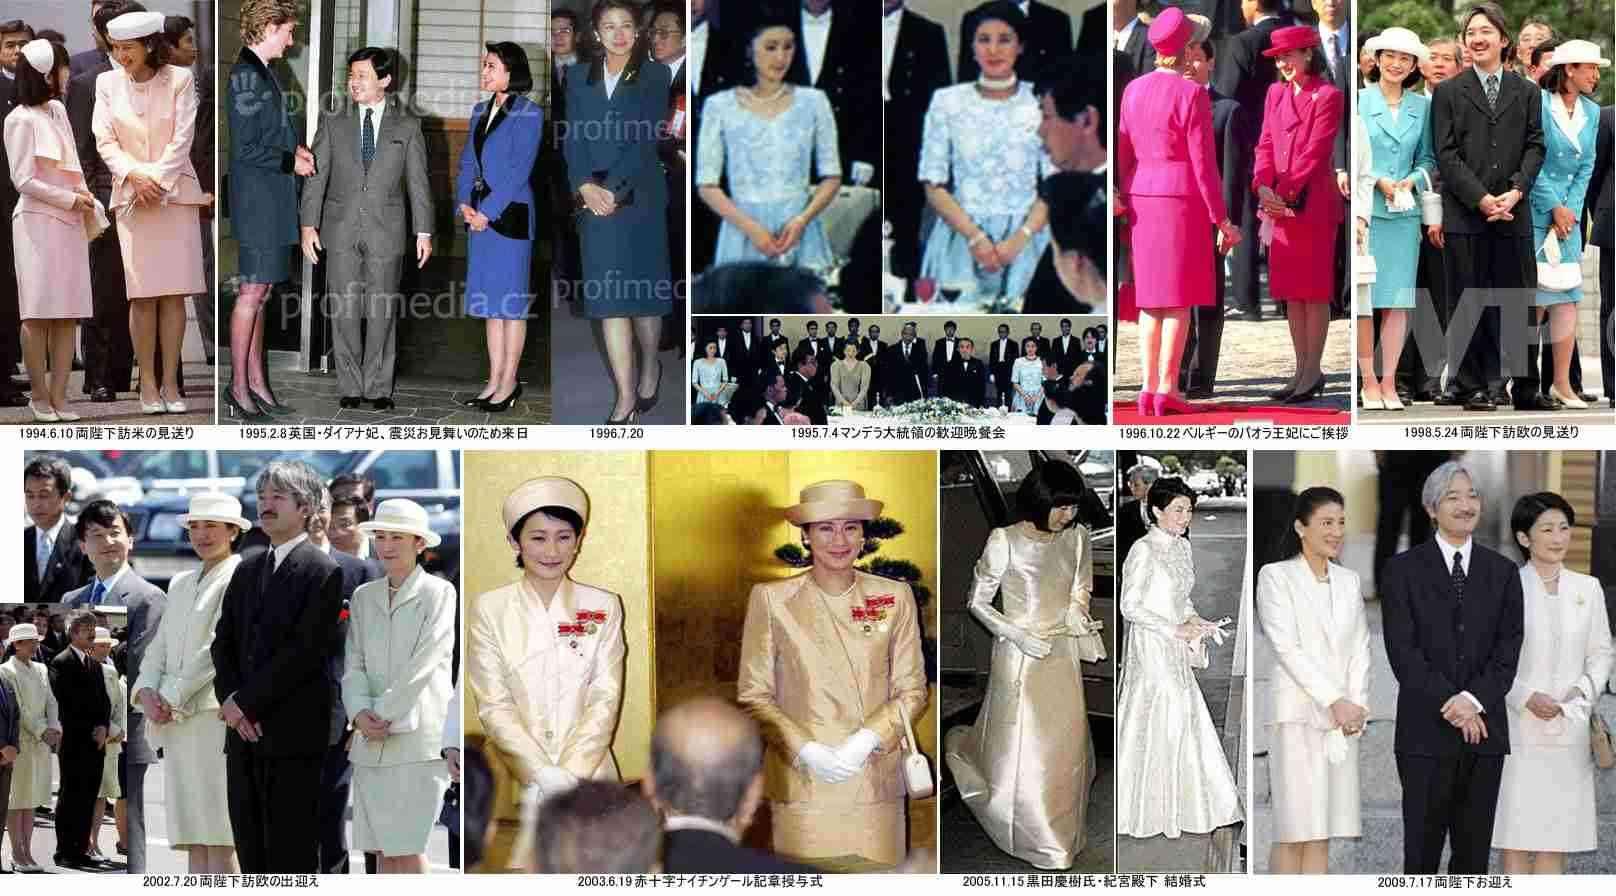 皇后さまのやつれた姿に心配の声、1年間のご公務は342件